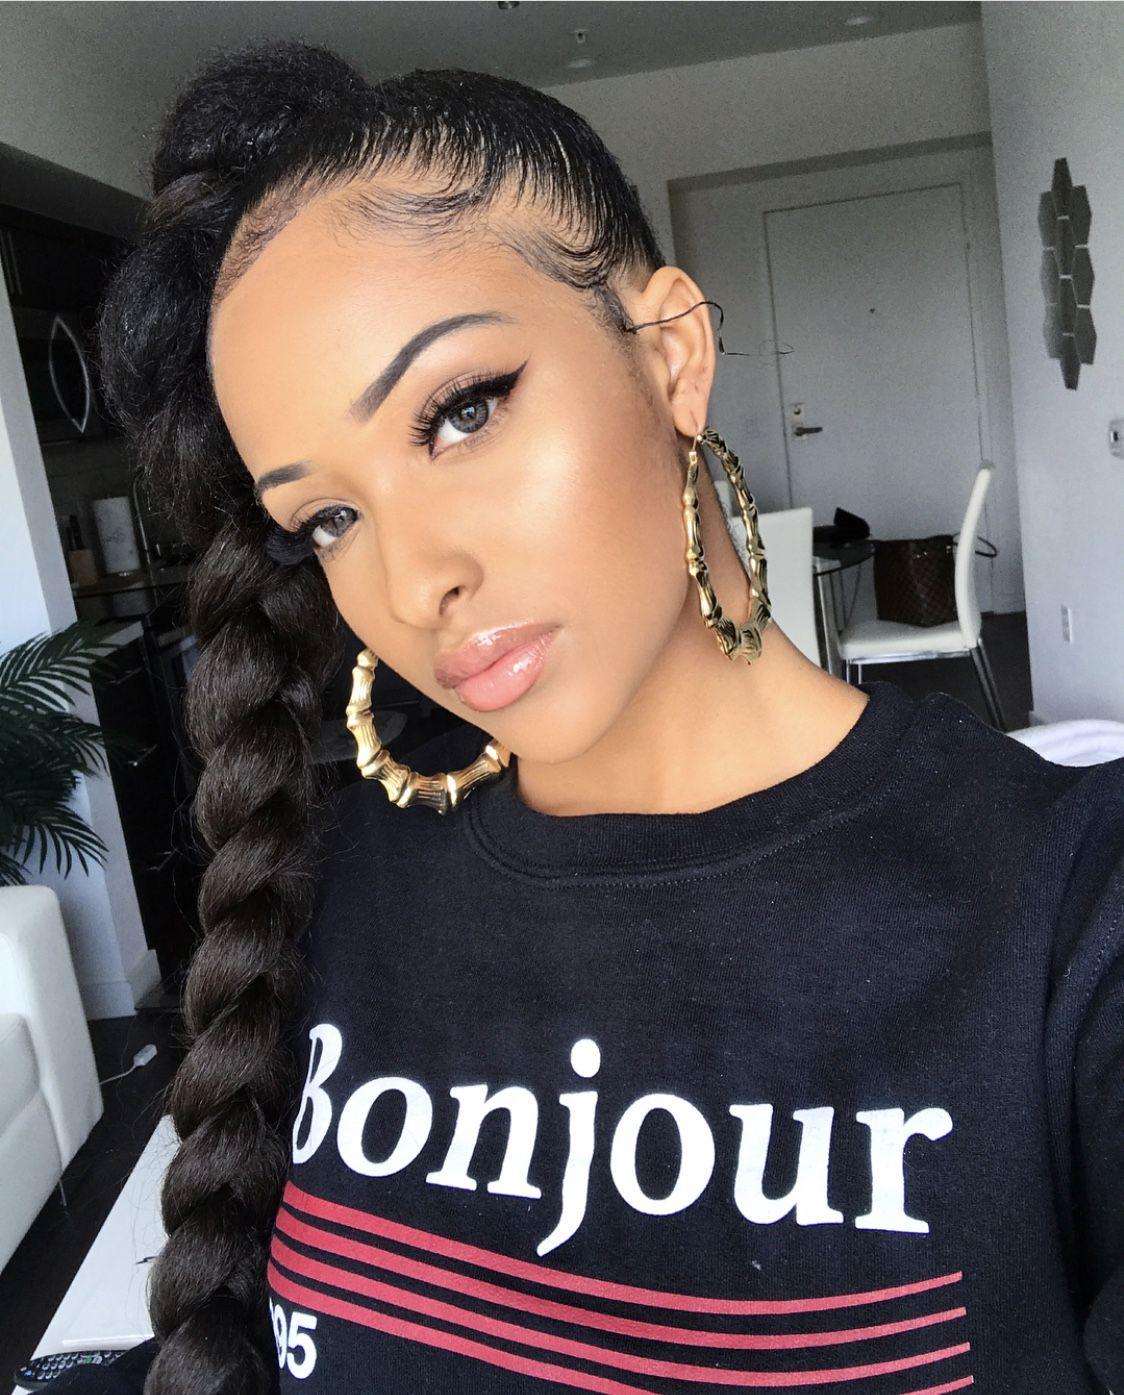 Pin by bernadette villamor on hair ideas pinterest black girl